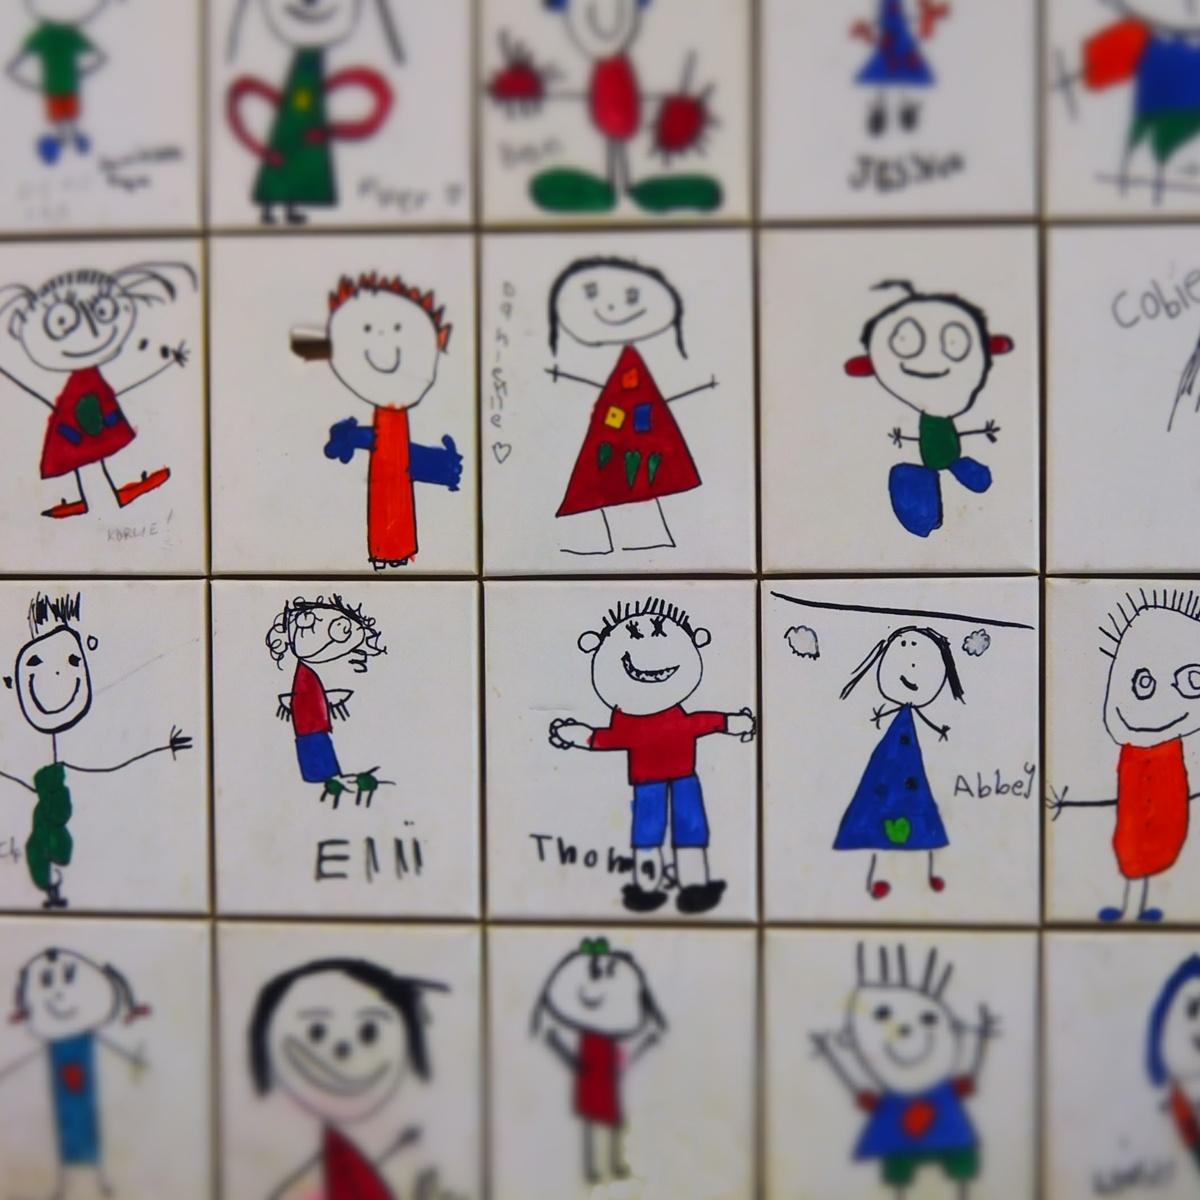 Dibujo importancia niños.jpg